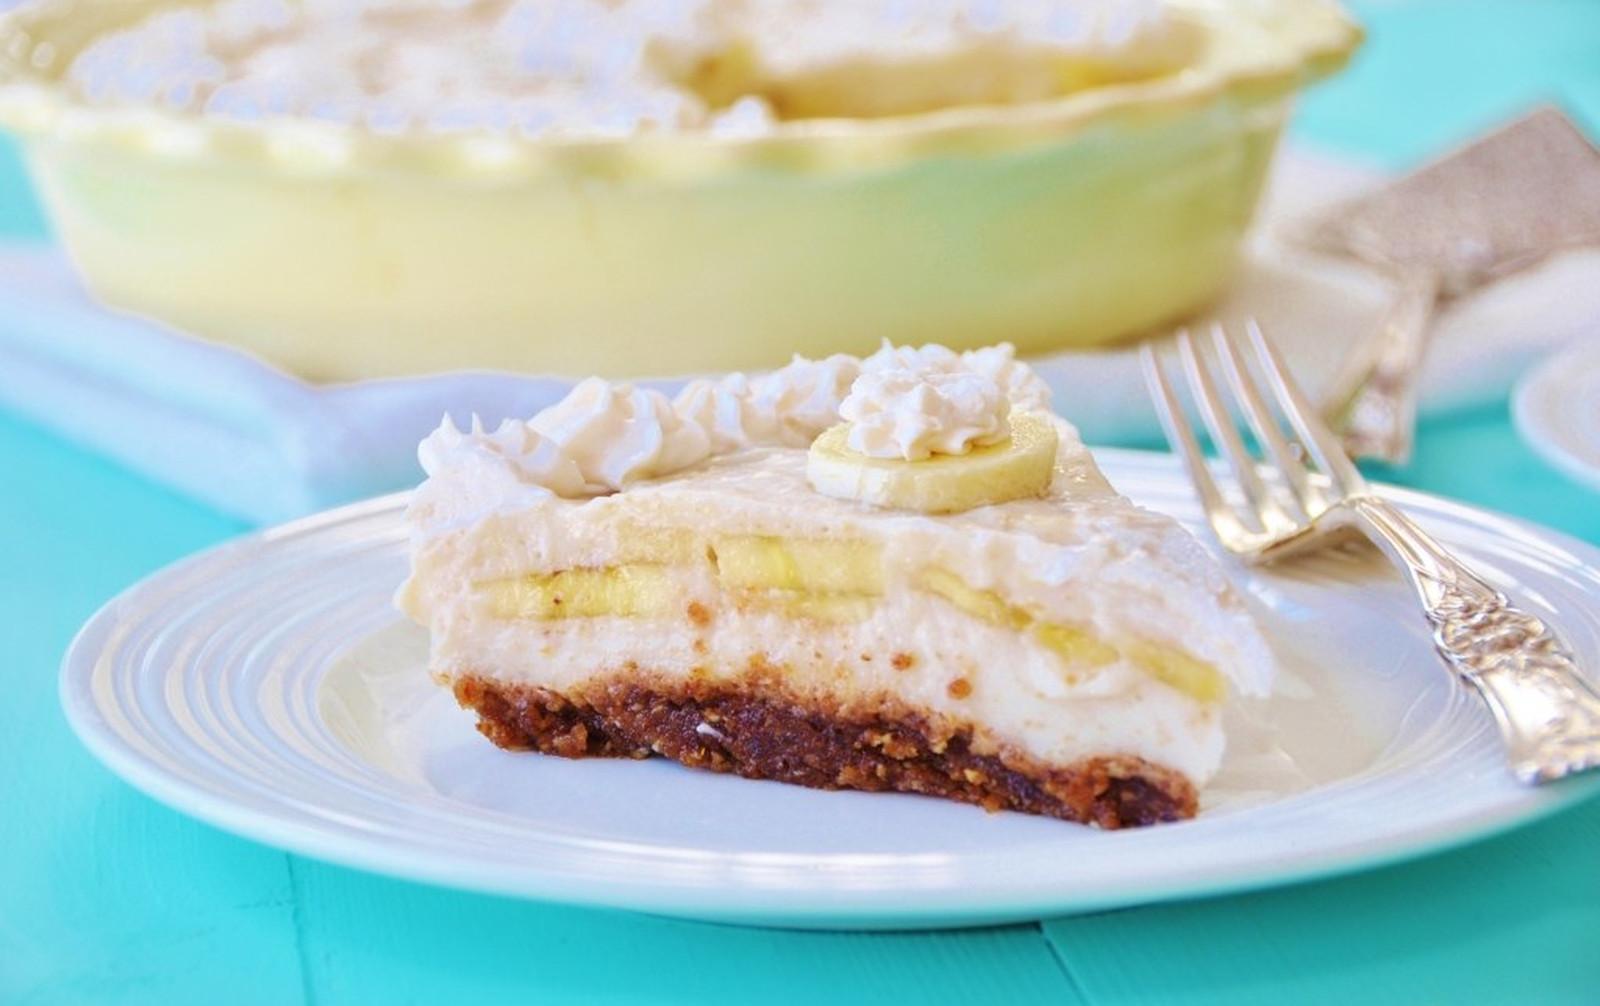 The Best Banana Cream Pie Ever [Vegan, Gluten-Free]